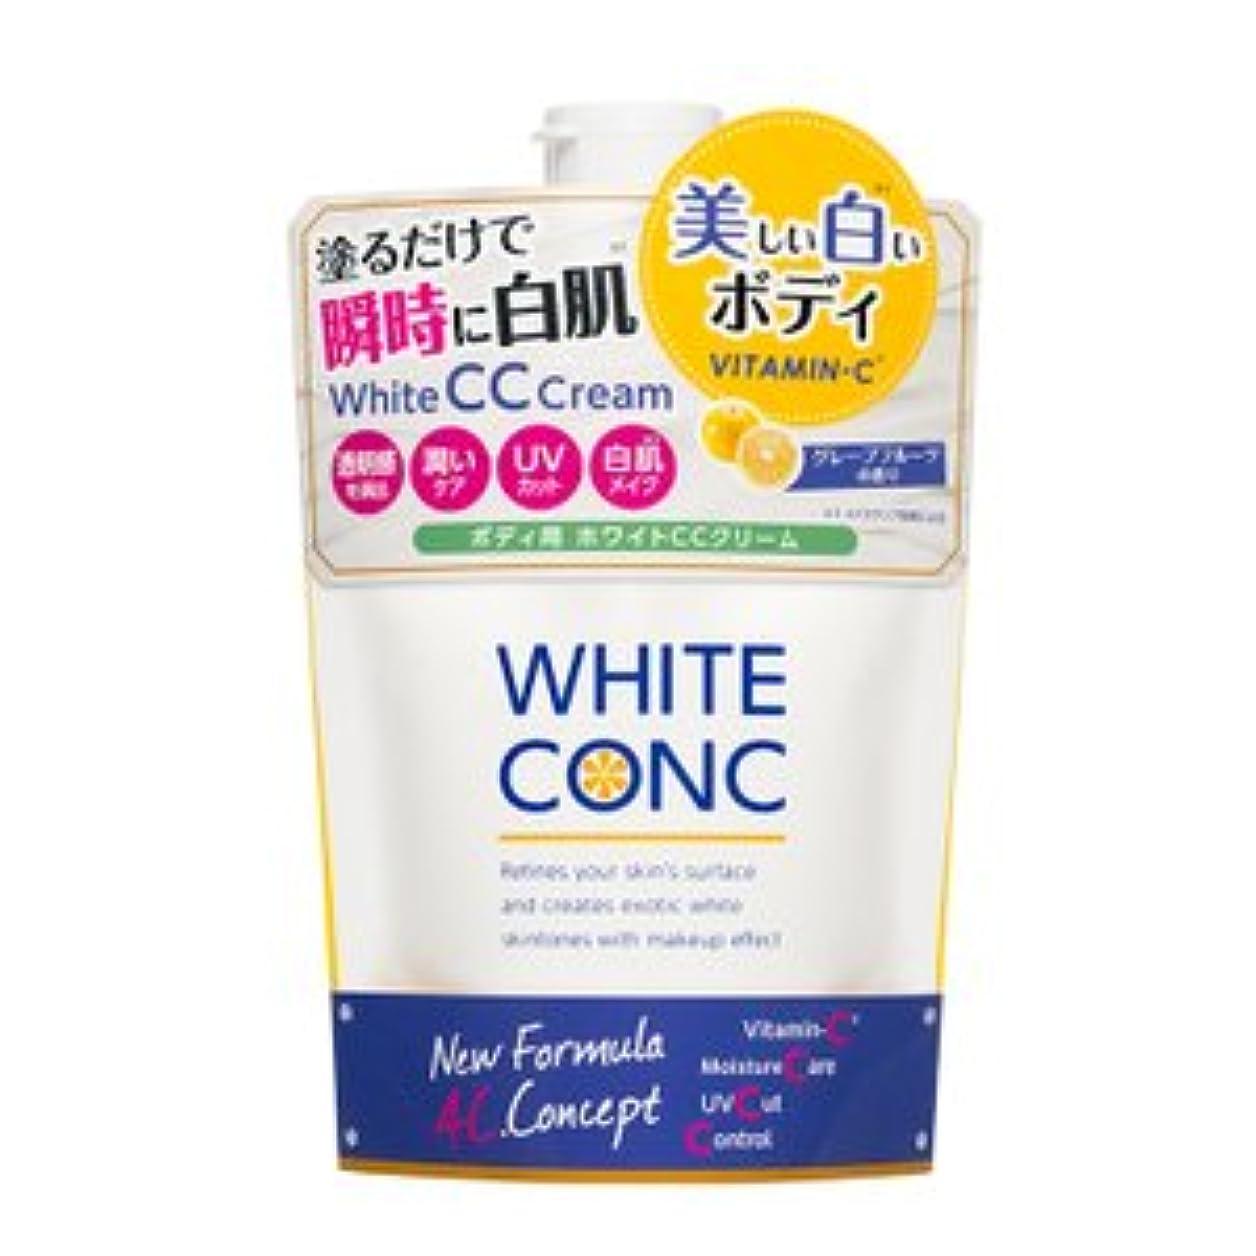 決めます入場料今薬用ホワイトコンクホワイトCCクリーム 200g